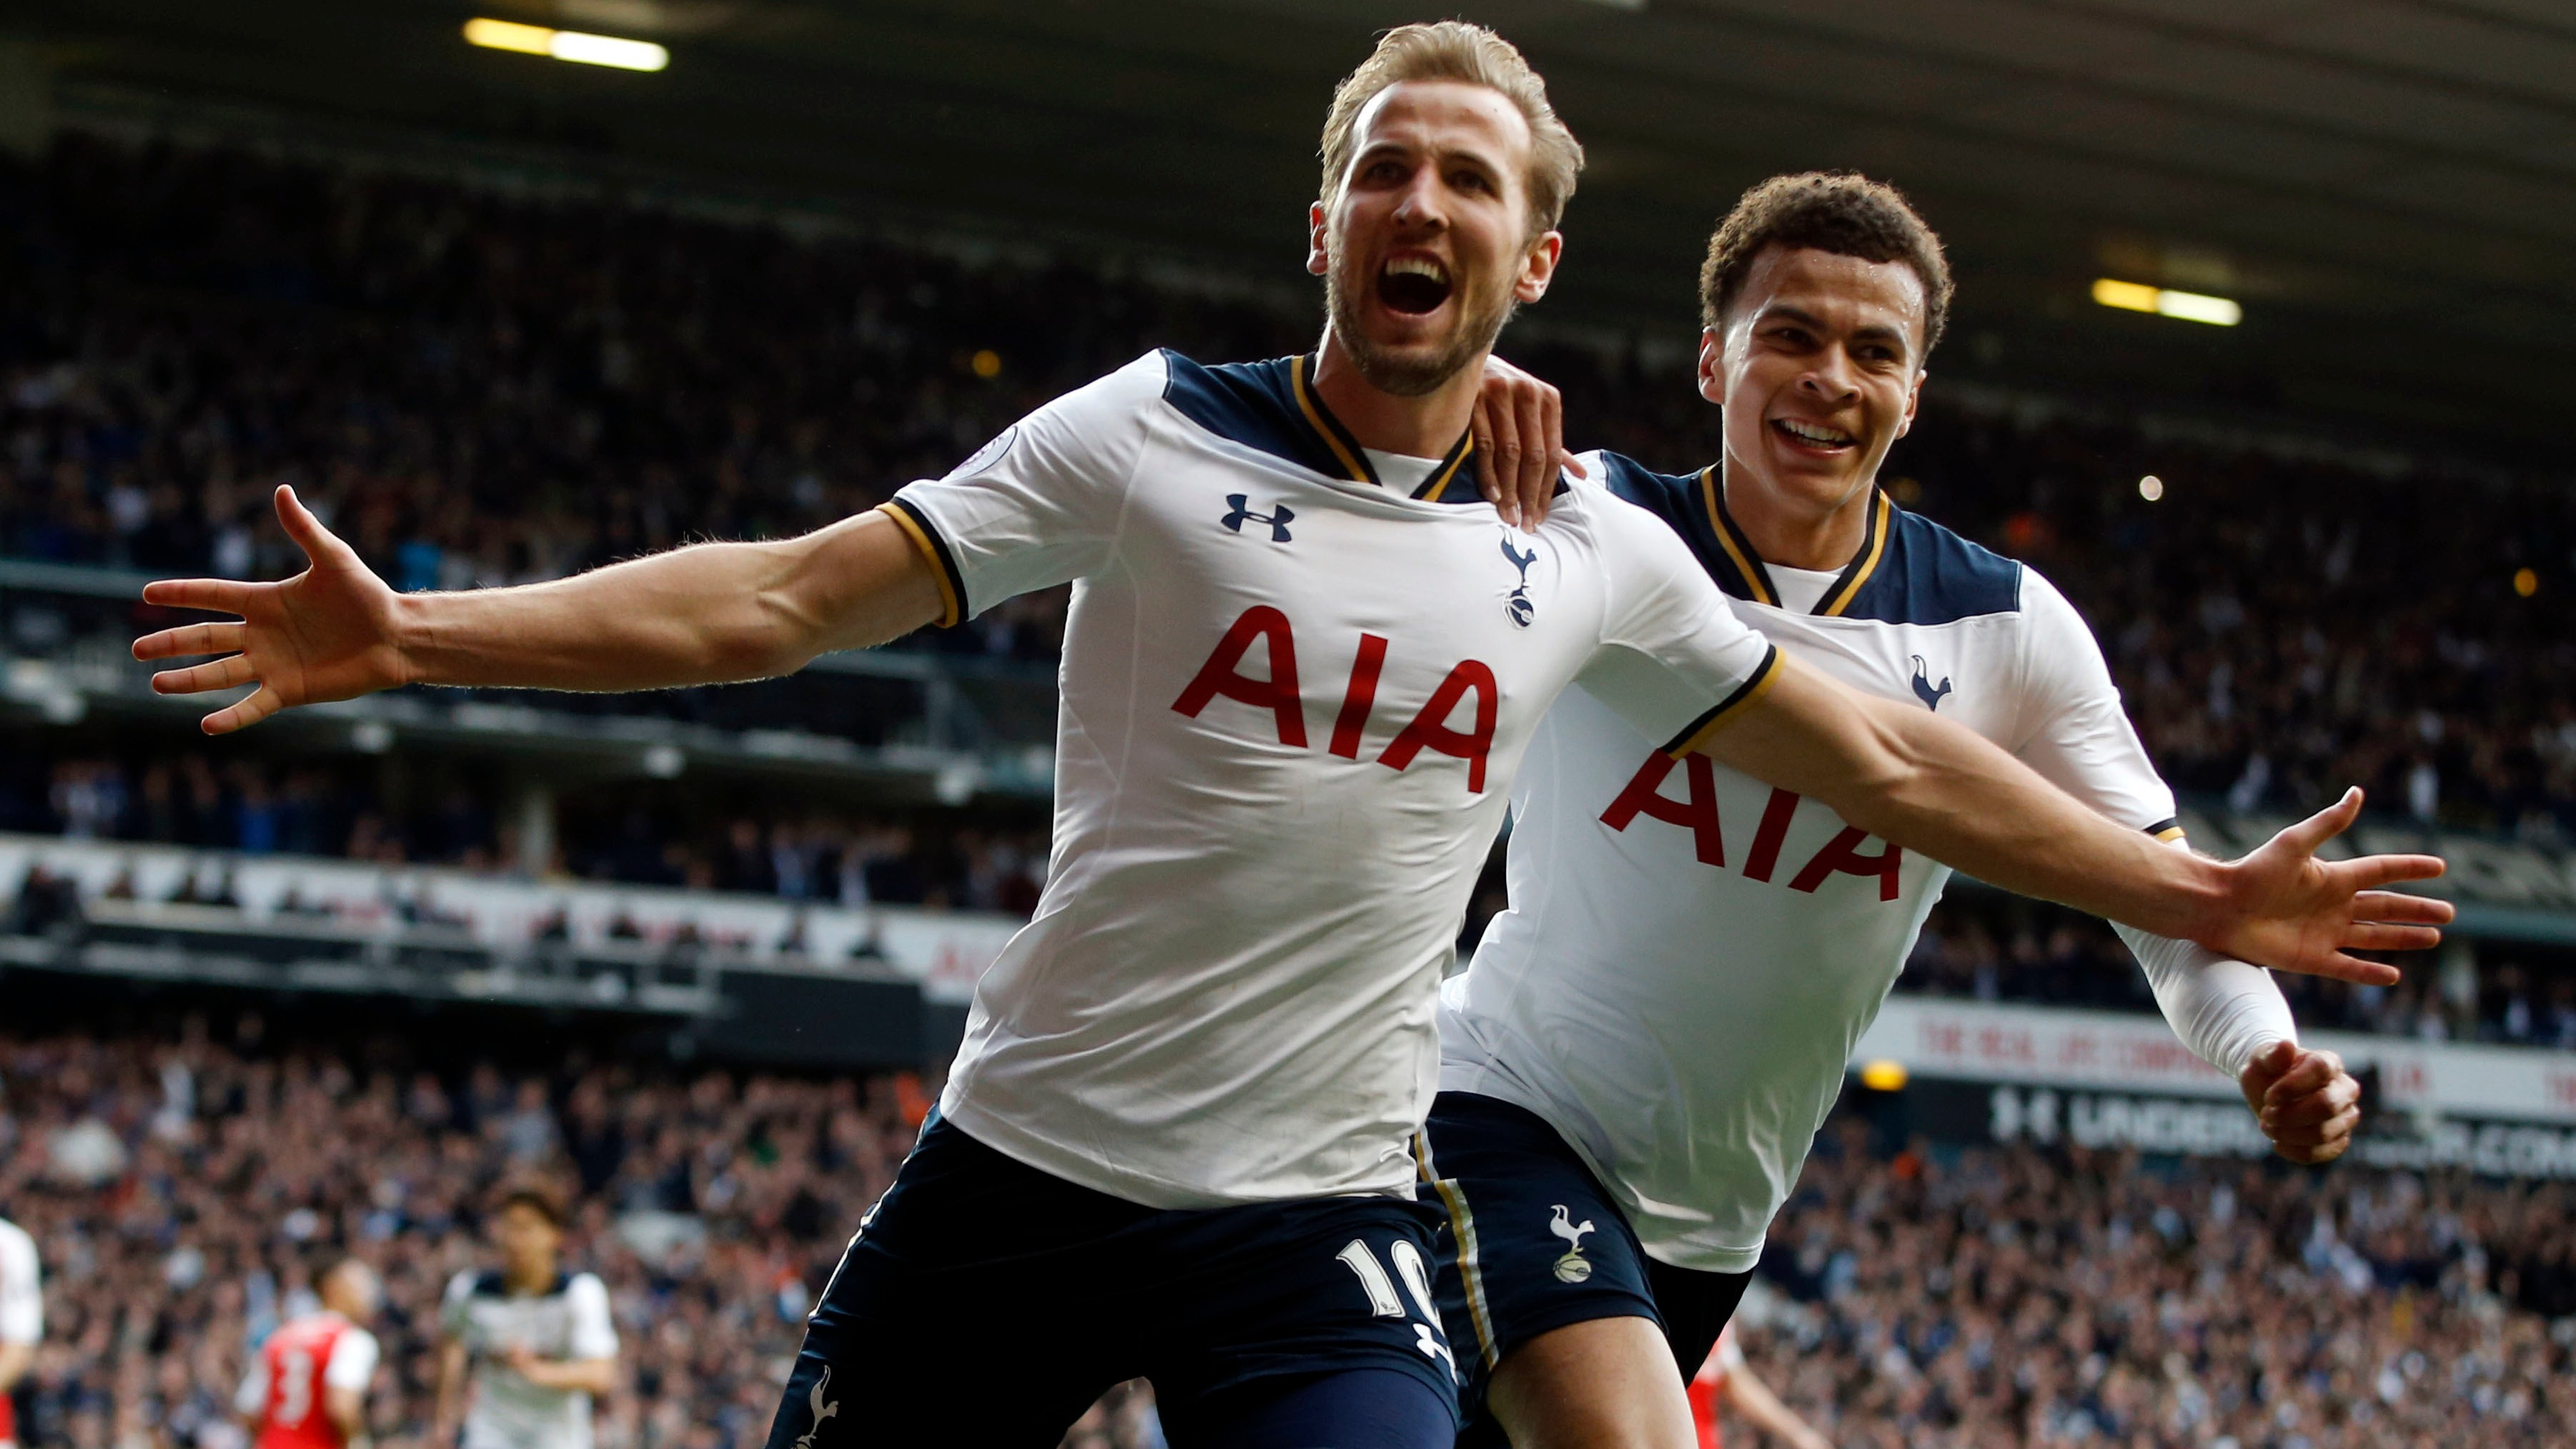 Tottenham vs  Aston Villa betting preview: Value in Spurs despite